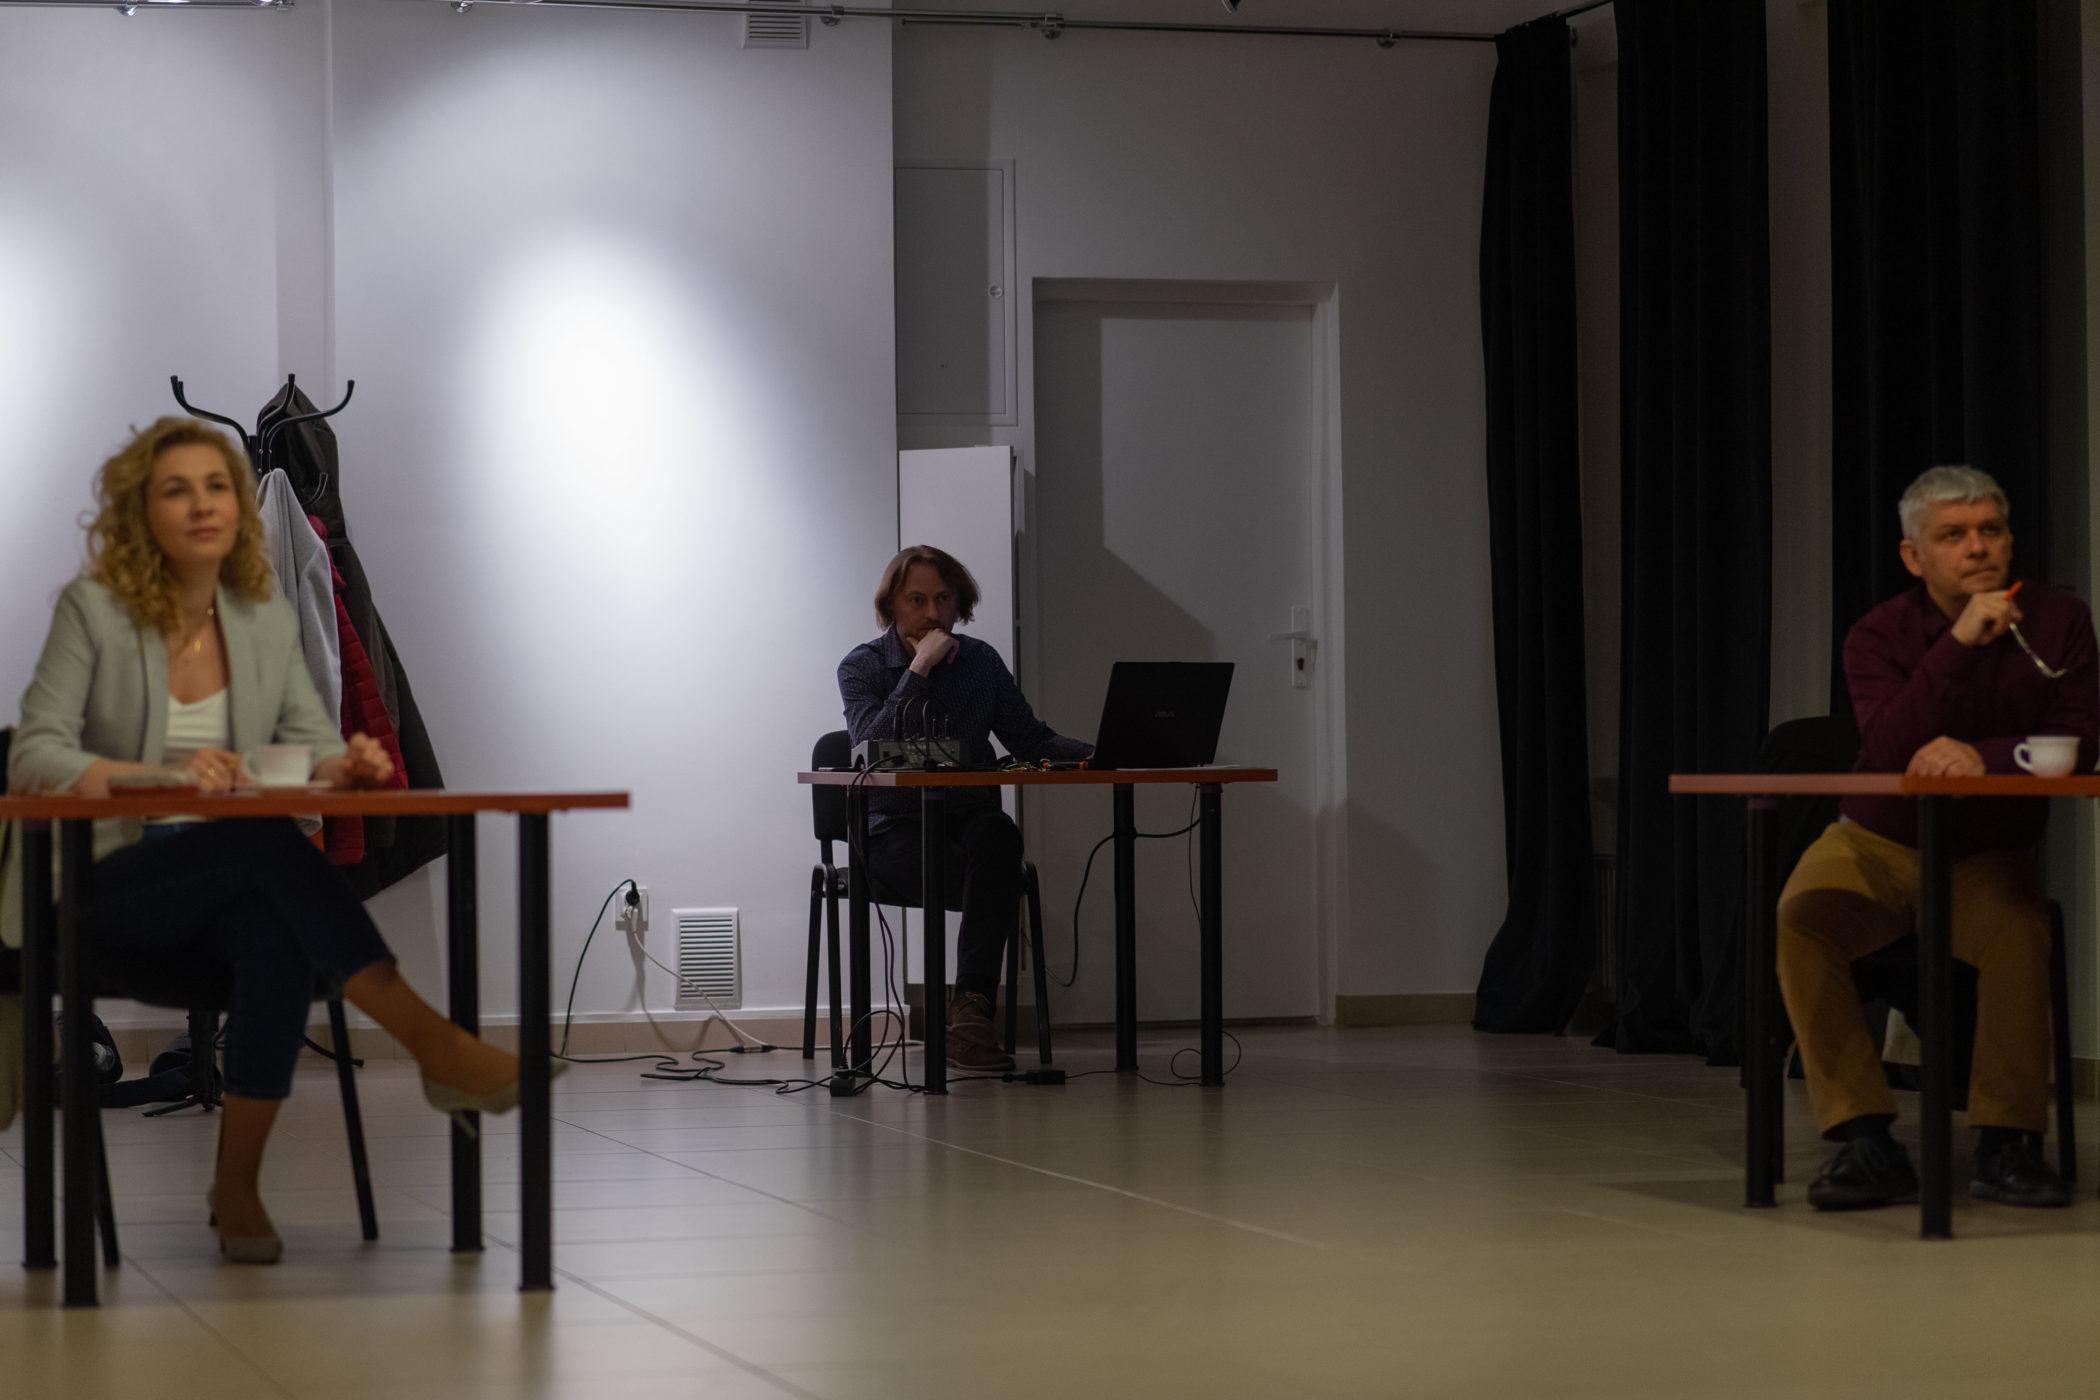 Zdjęcie przedstawia pomieszcenie, w nim trzy osoby, każda siedzi przy osobnym stoliku.